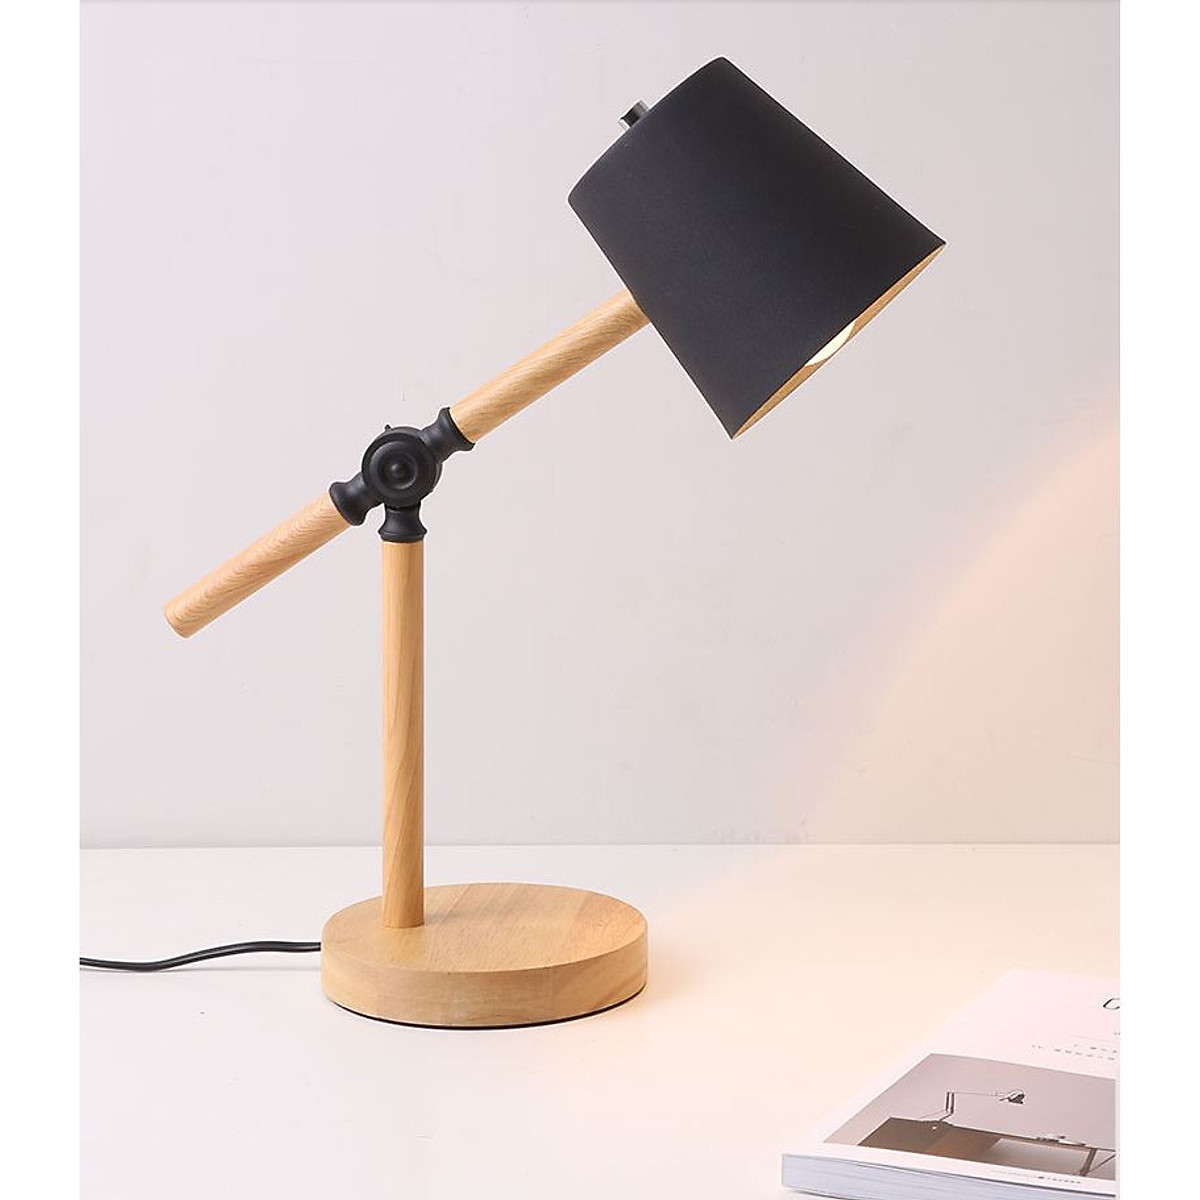 Đèn bàn - đèn trang trí nội thất LENTIN thân gỗ - tặng kèm bóng LED